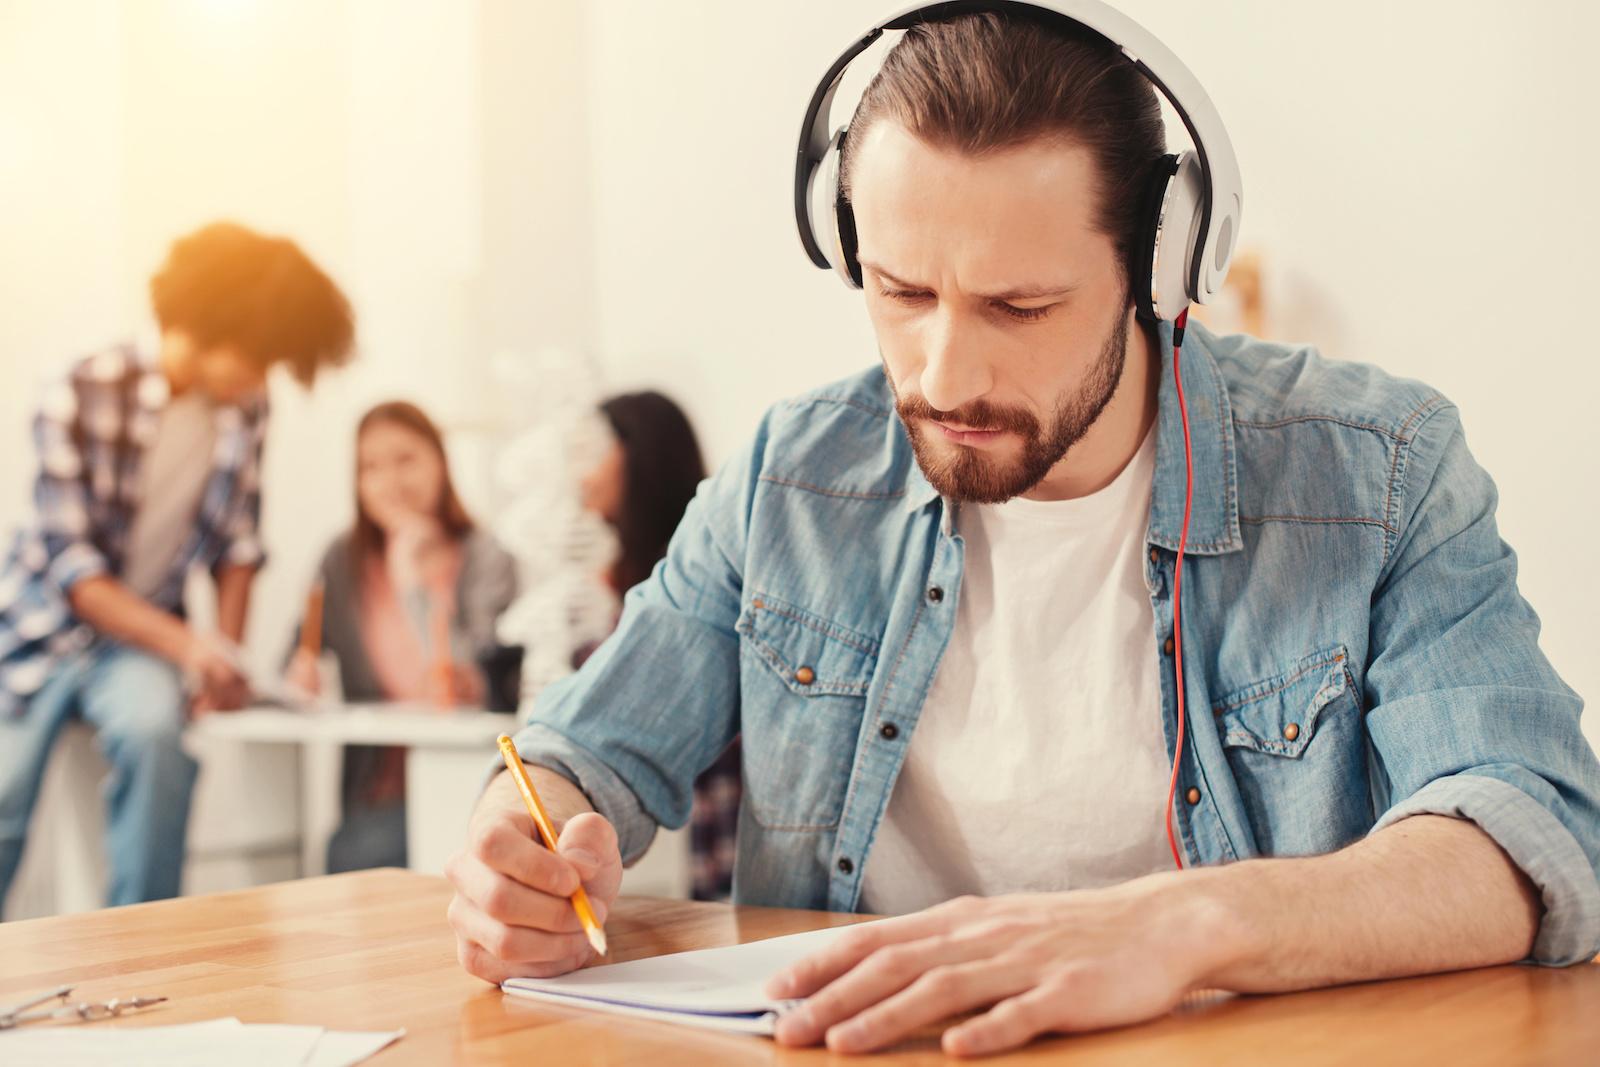 2 sencillos ejercicios para potenciar tu concentración y mejorar tu aprendizaje